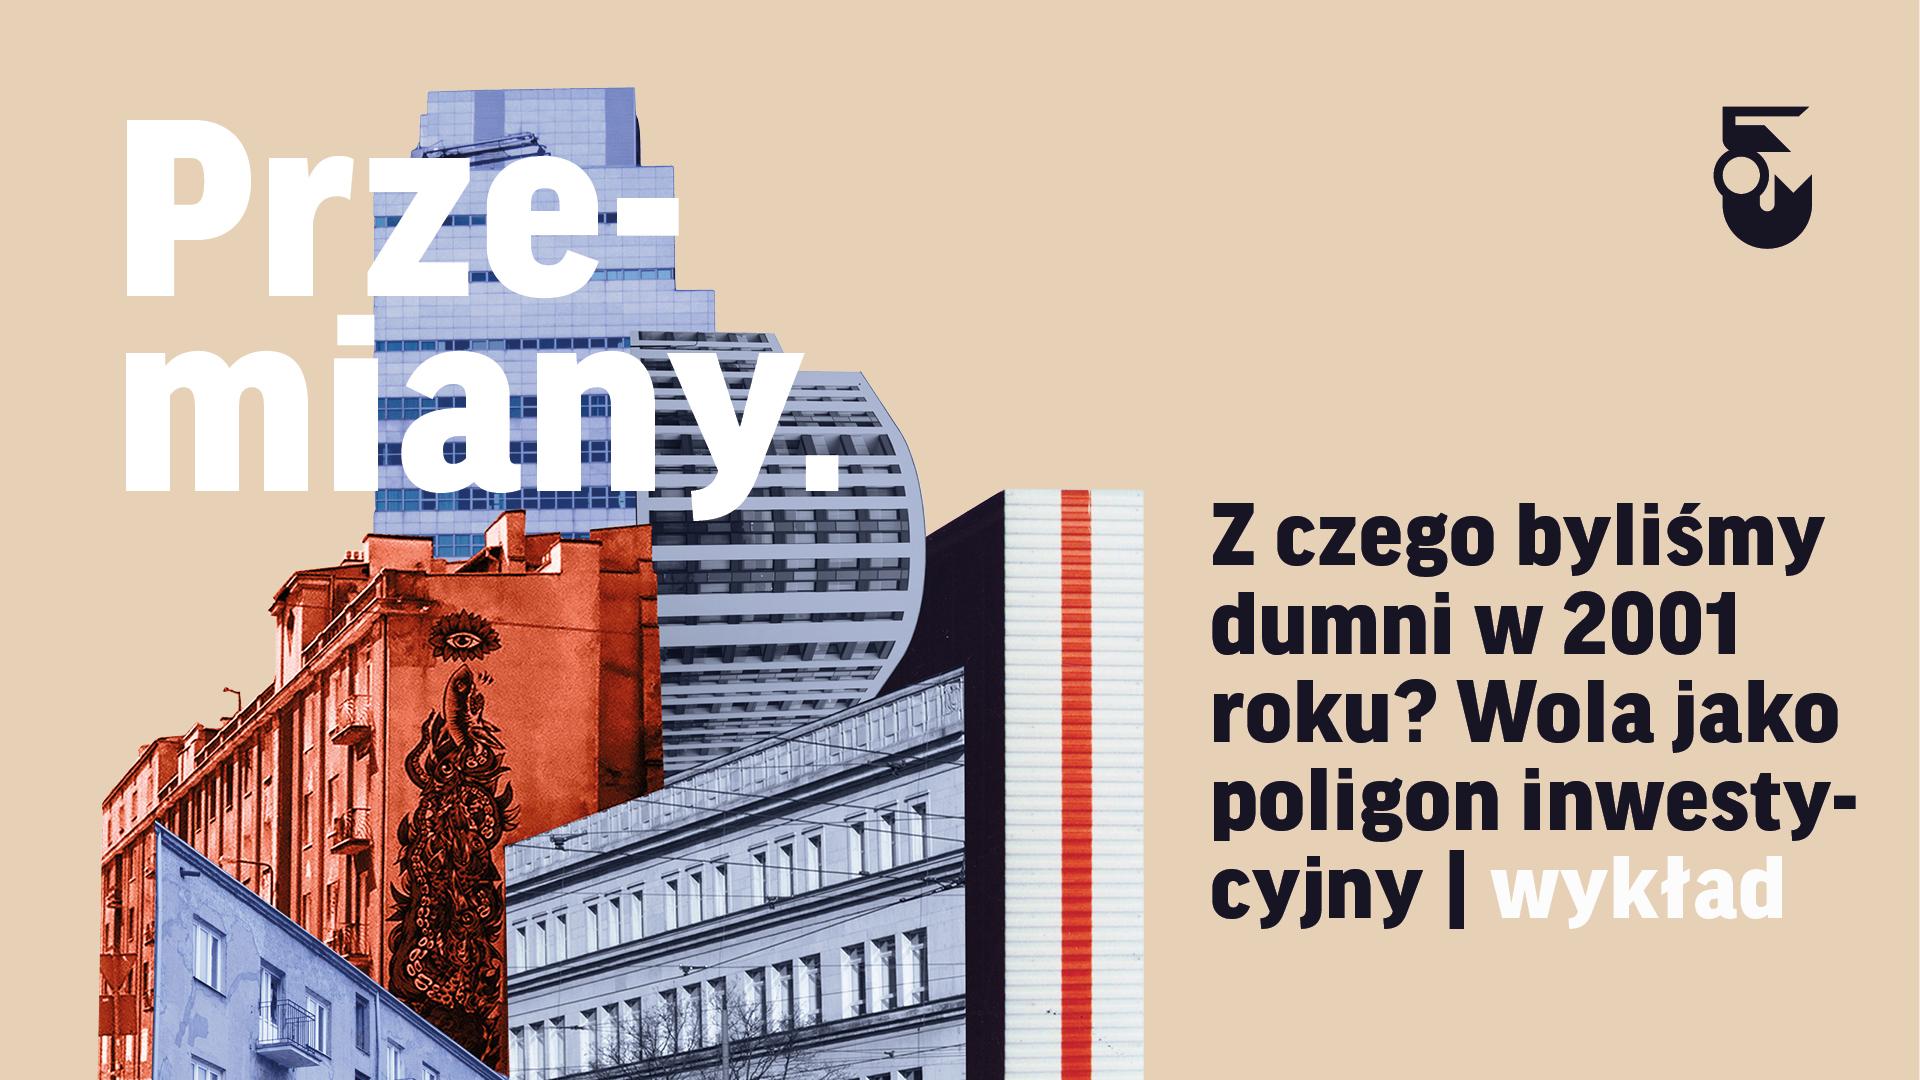 Grafika. Na jasnym tle po prawej kolaż zrobiony ze zdjęć budynków. Nad nim tekst Przemiany. Obok tekst: Z czego byliśmy dumni w 2001 roku? Wola jako poligon inwestycyjny. Wykład.